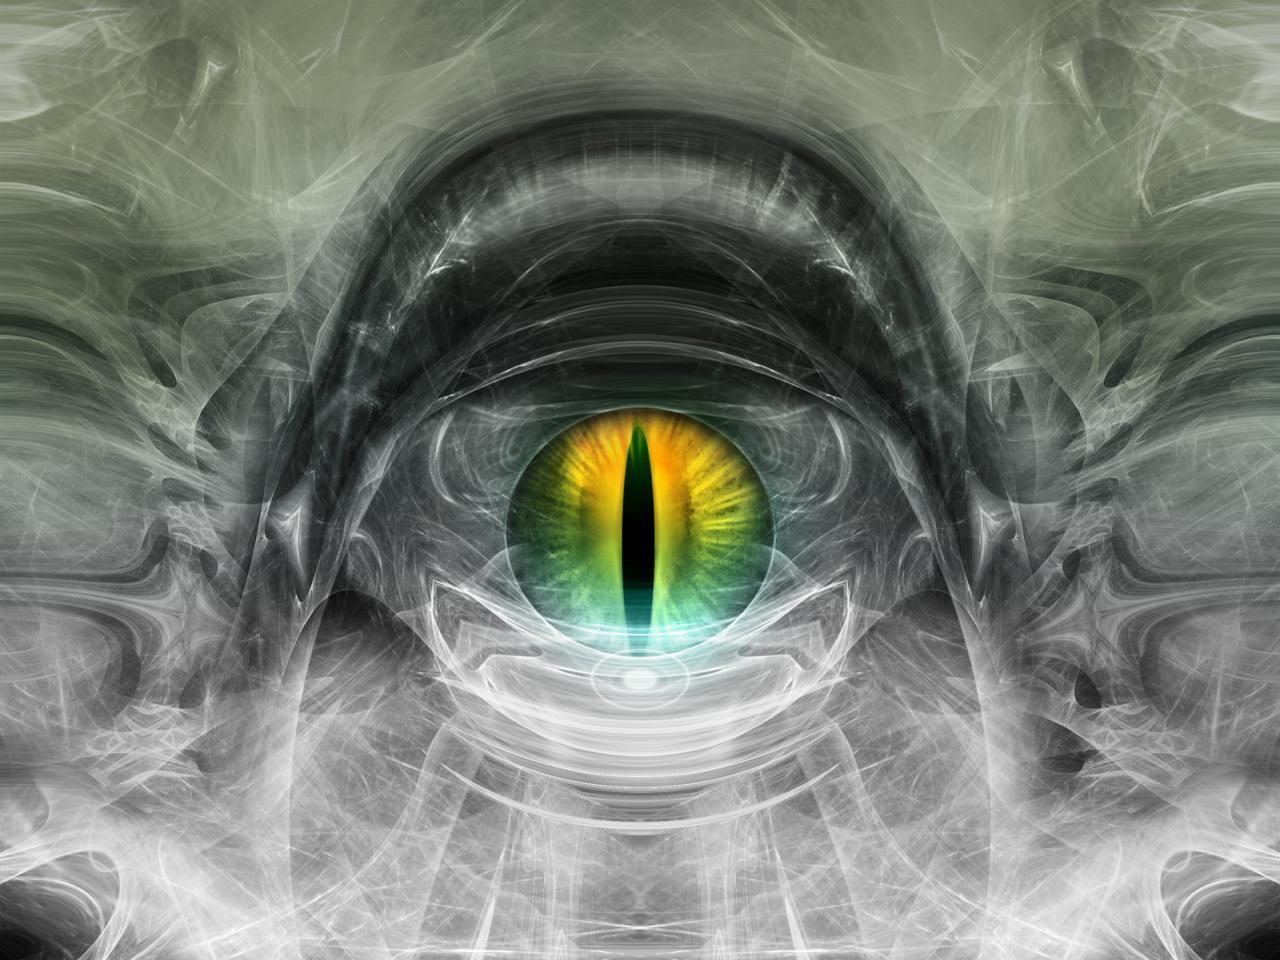 La Infección Espiritual a través de la Falsa Luz.